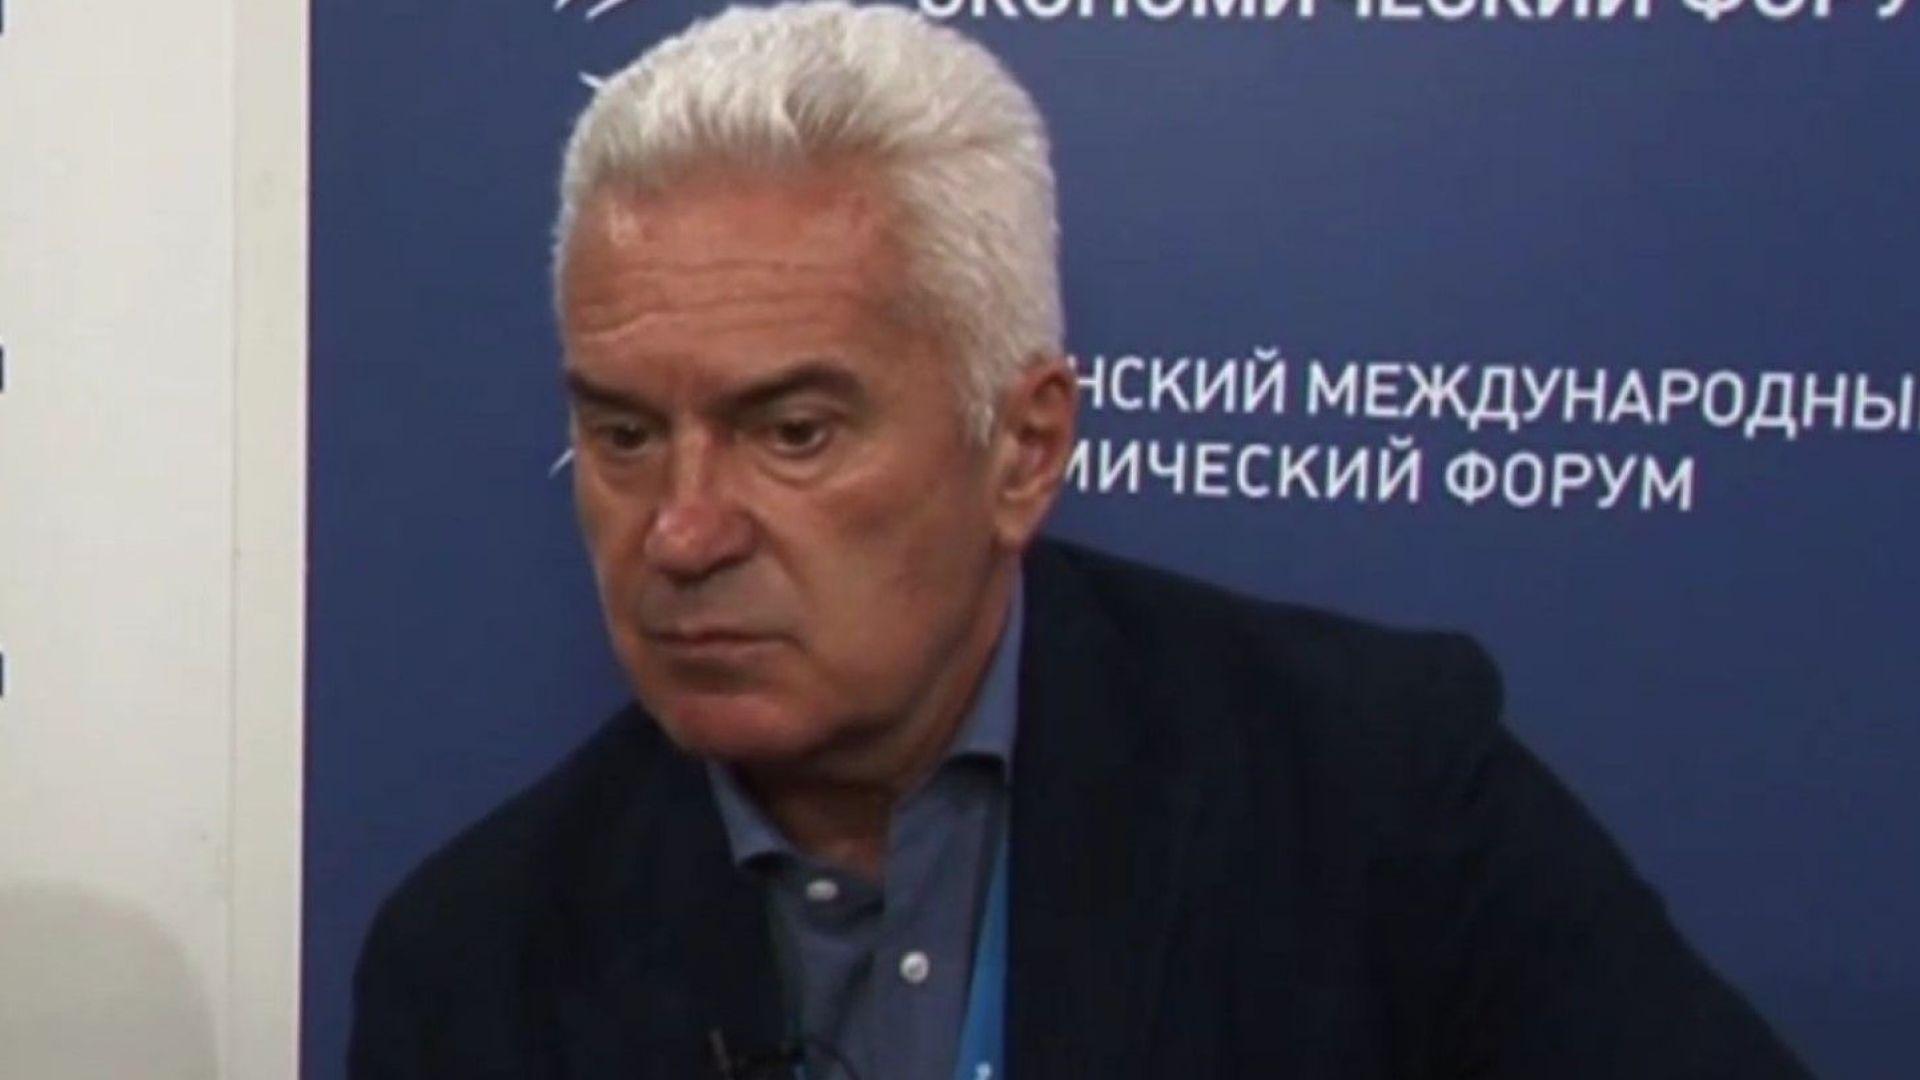 """Сидеров даде интервю на руски: """"Крым растет, идет к лучше"""""""